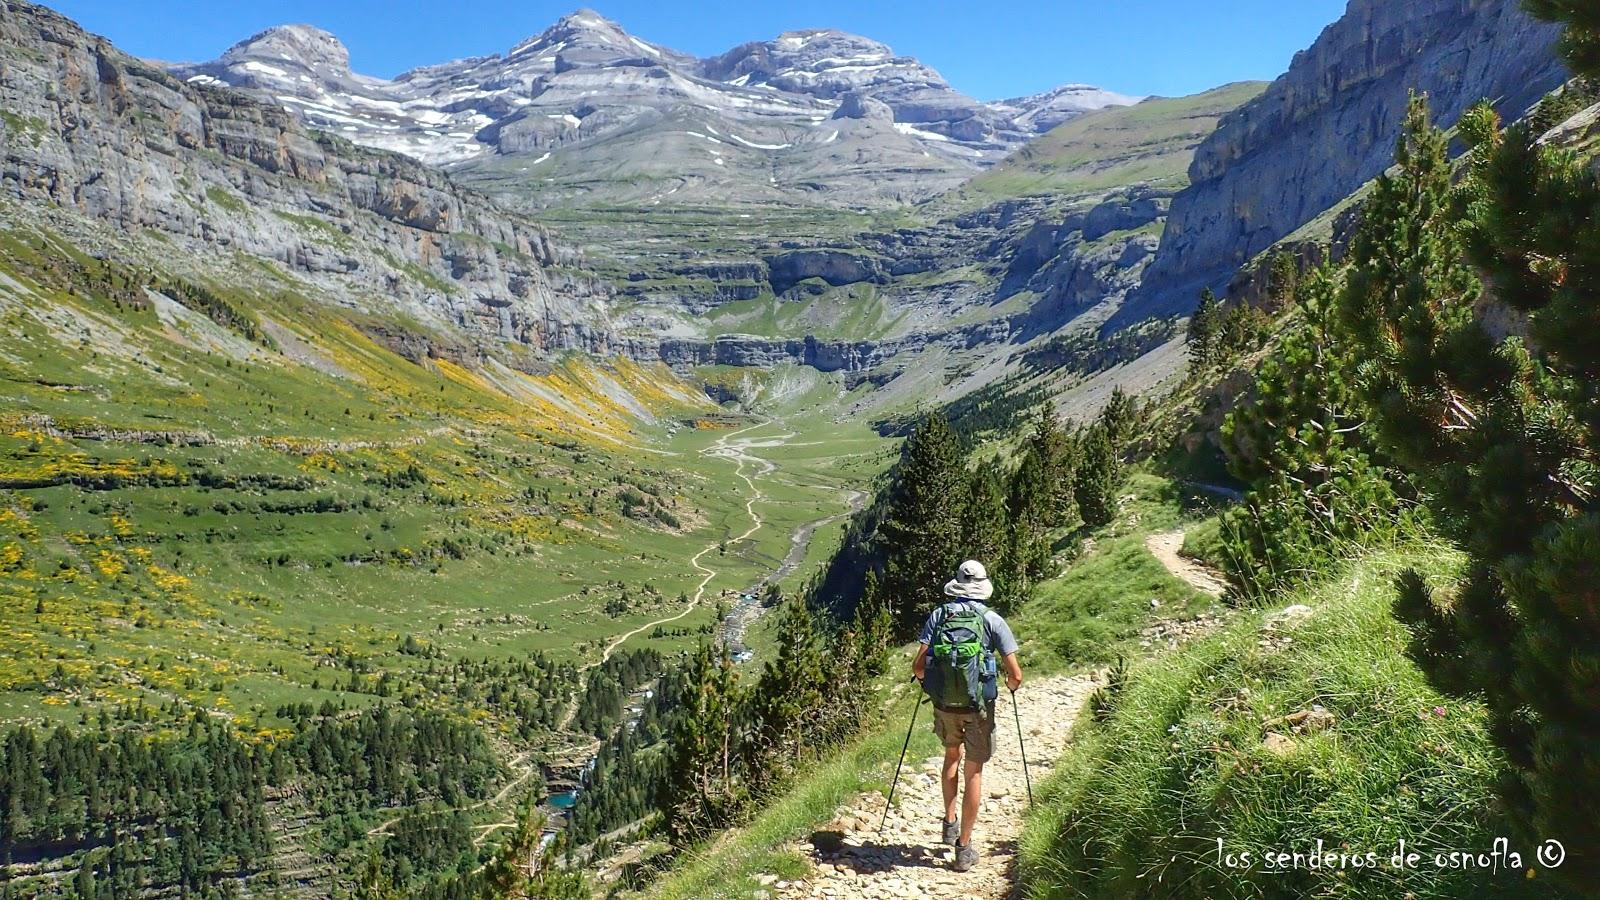 👌♻️ 11 Consejos para visitar sin dejar huella el Parque Nacional de Ordesa